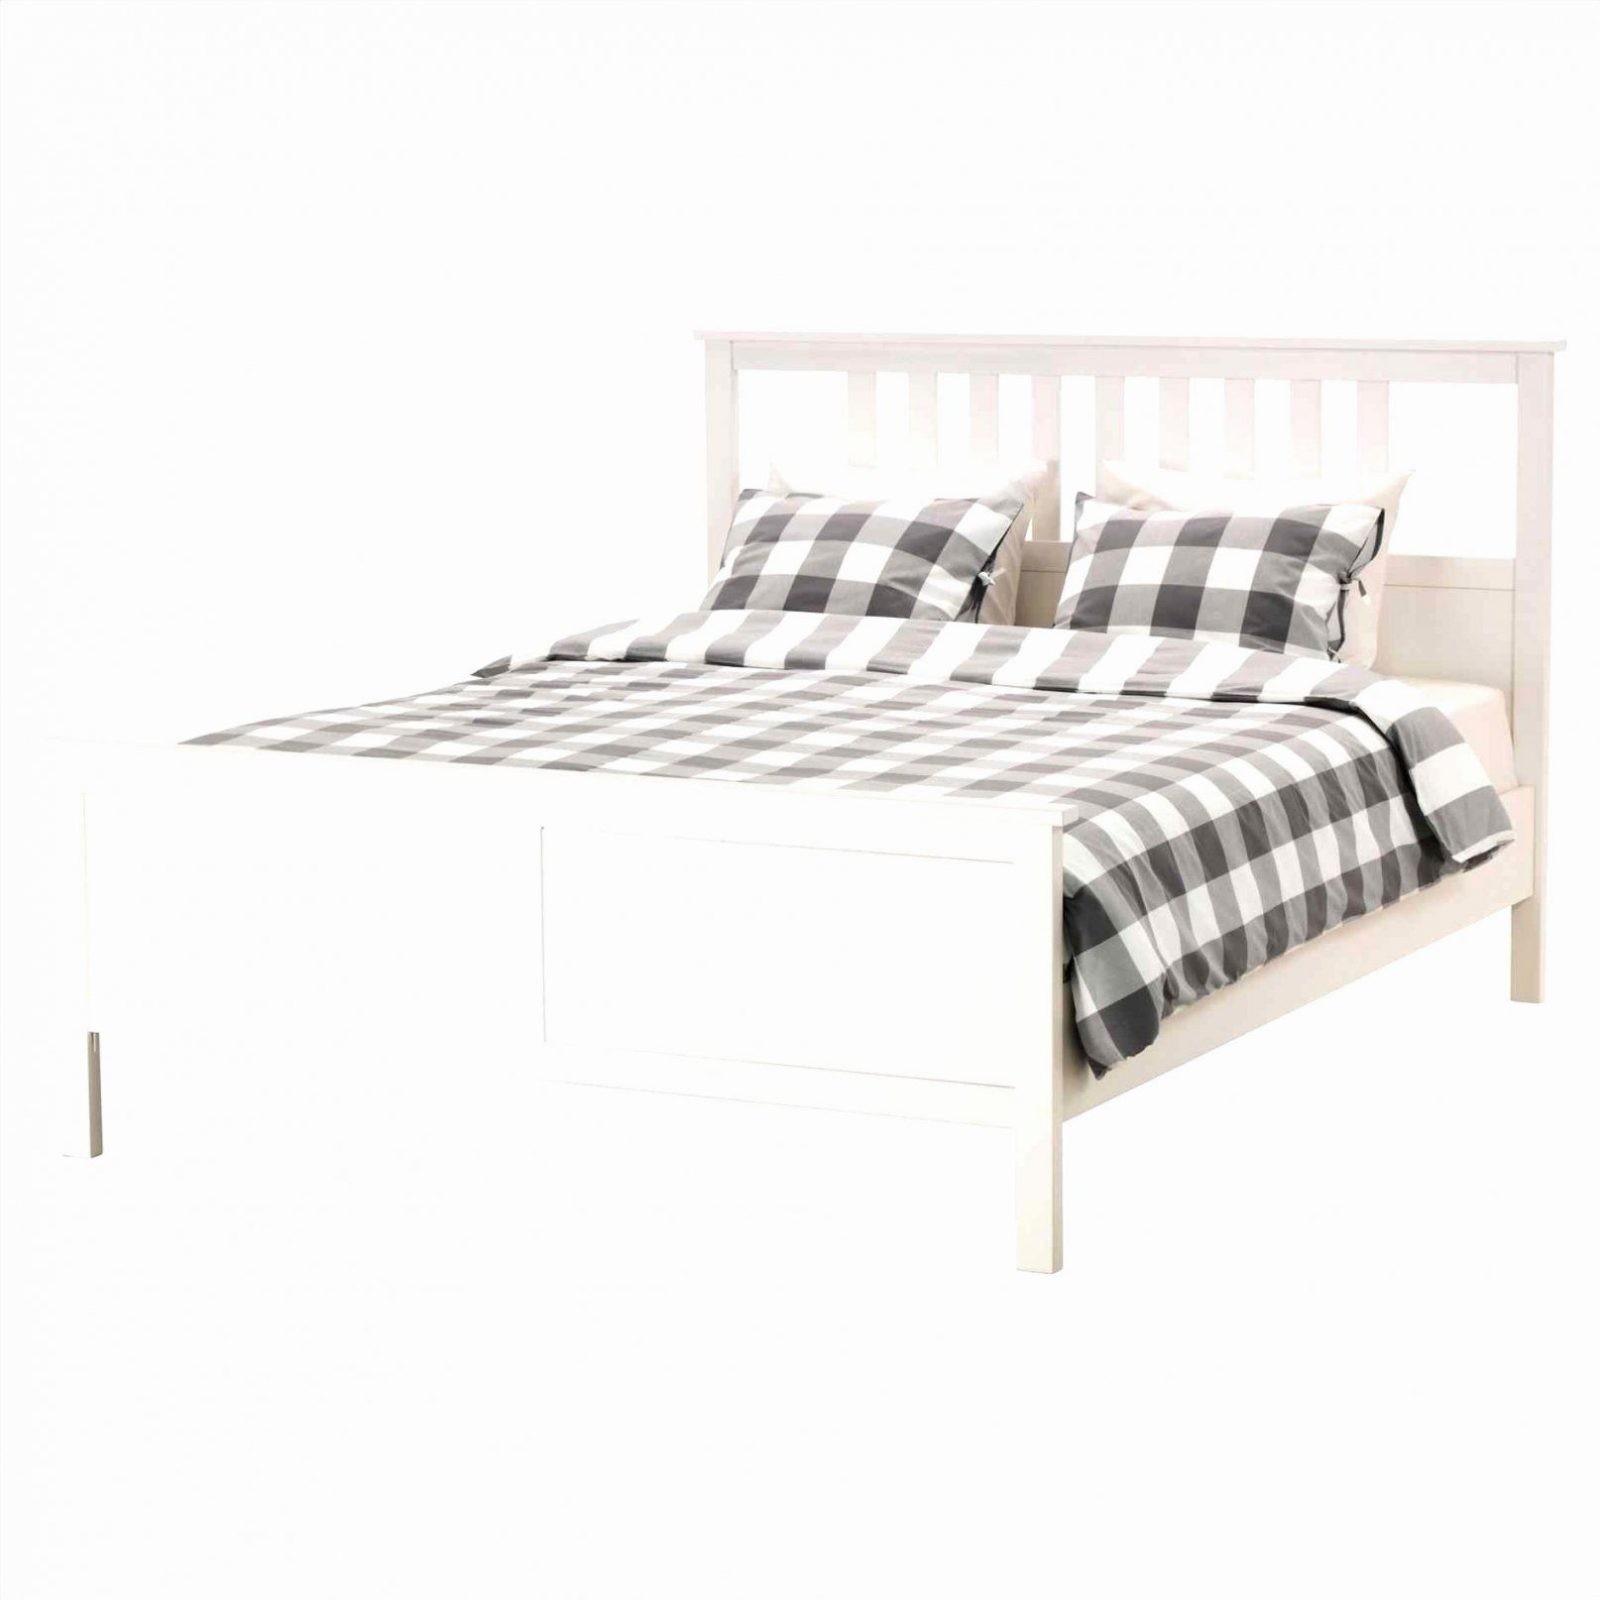 Bett 120×200 Ikea Luxus 10 X Leuke Speelhoek Voor Kinderen von Bett Weiß 120X200 Ikea Bild